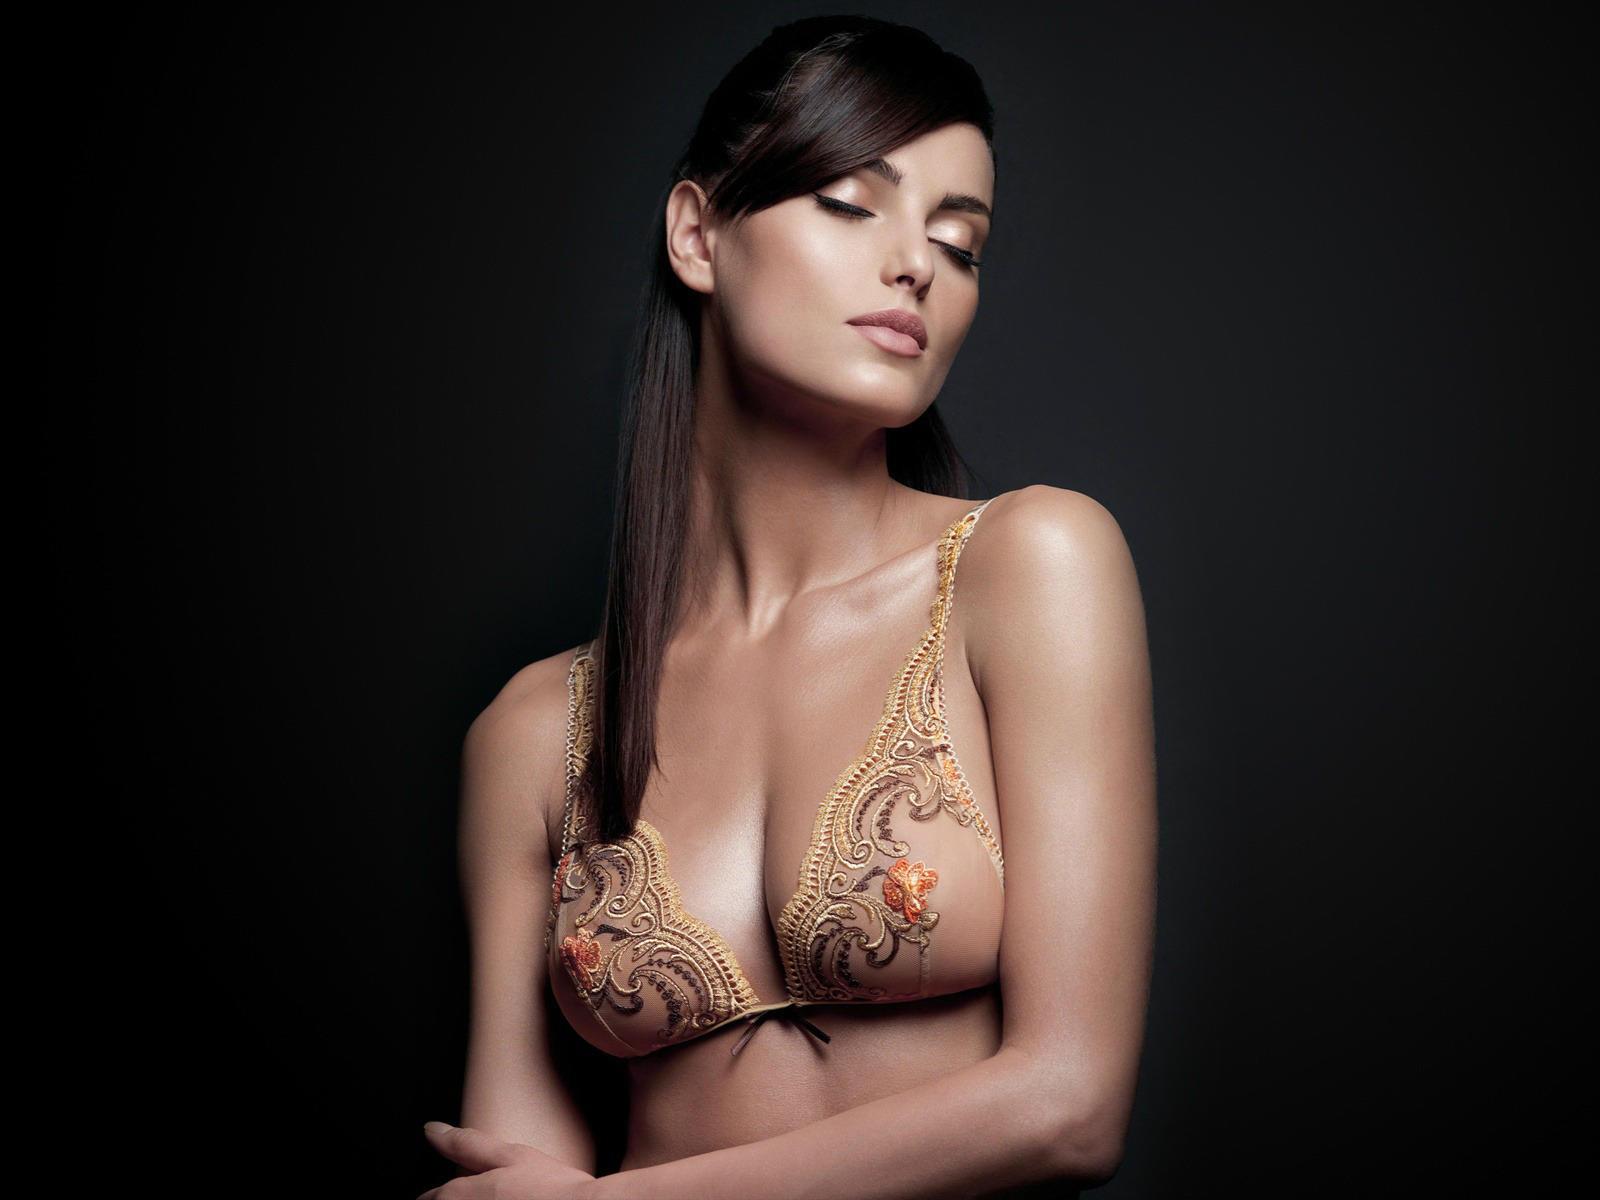 性感火辣的西方时尚内衣美女高清电脑壁纸第一辑